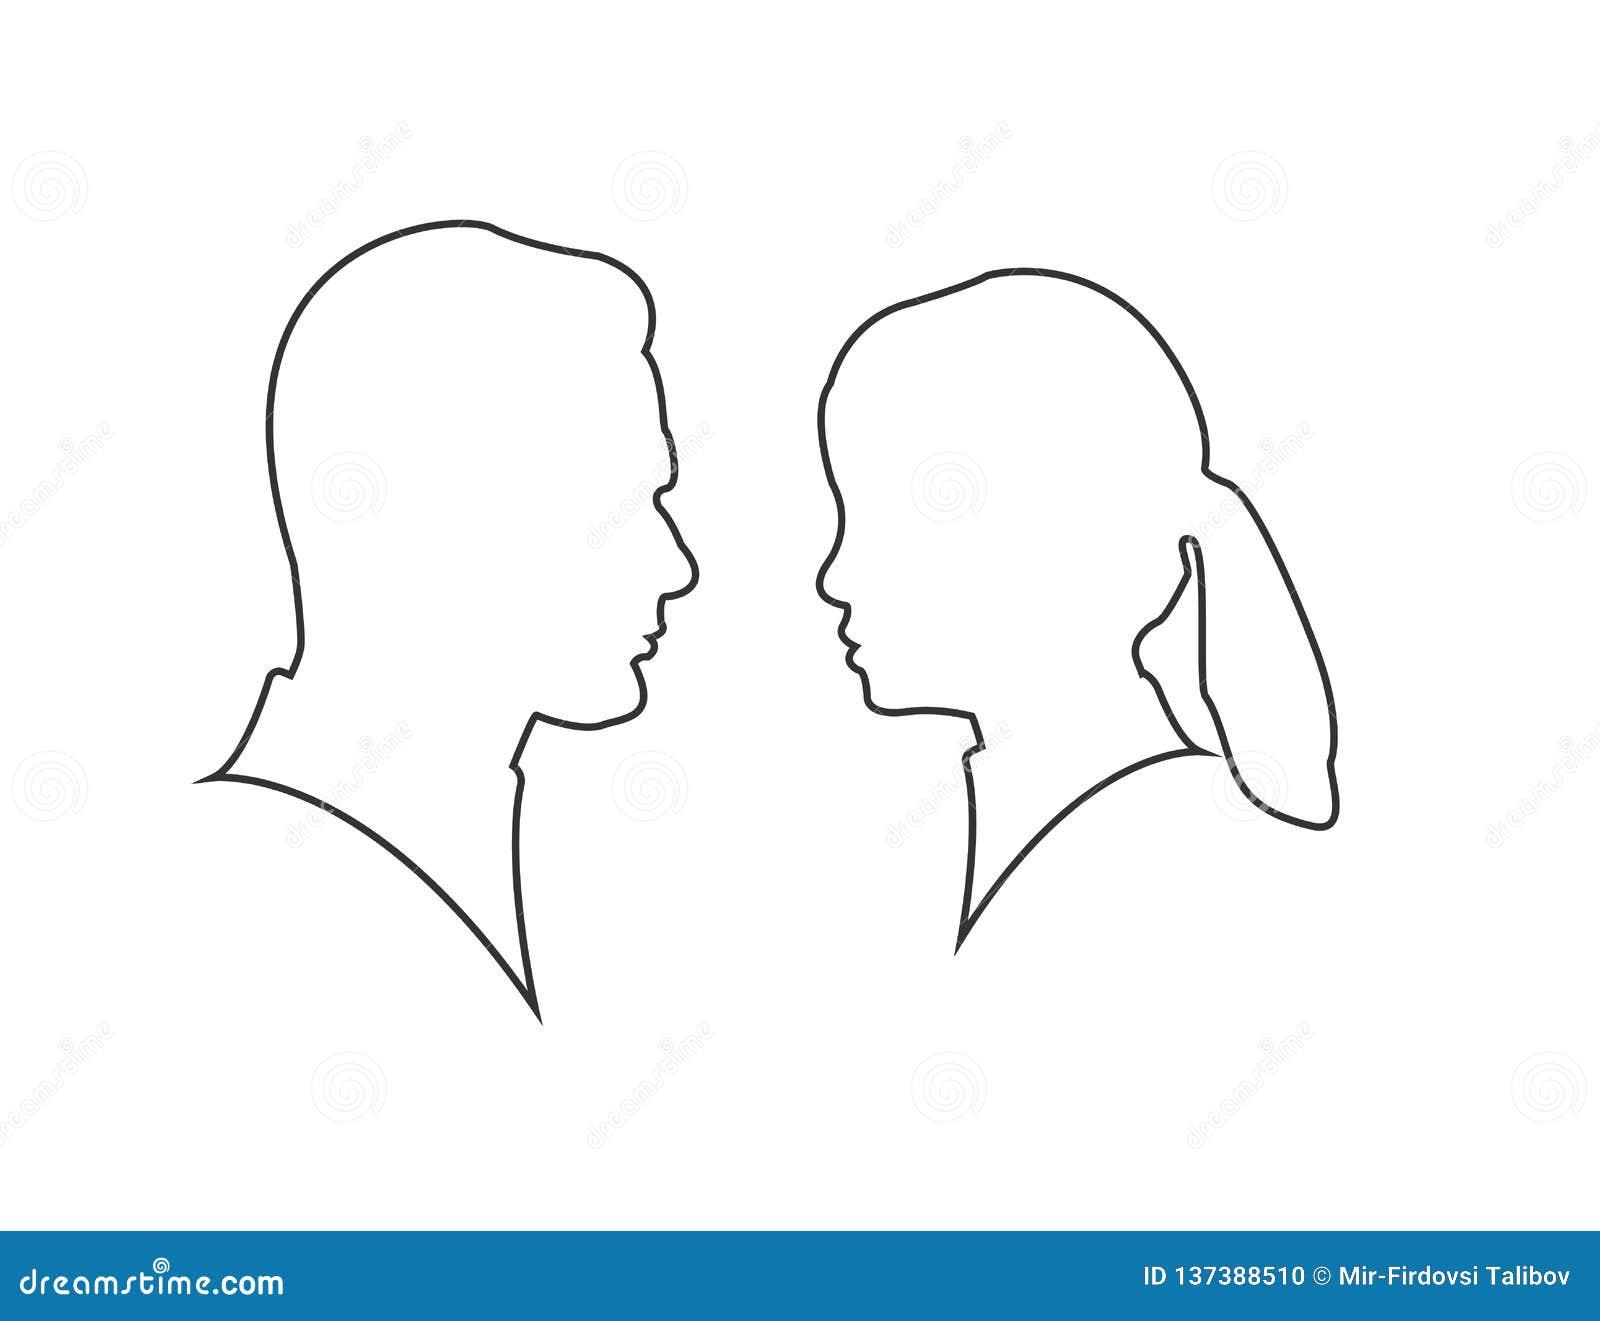 Силуэт человека и женщины лицом к лицу изолированный на белой предпосылке пары силуэта в любов, моменте поцелуя линия вектор